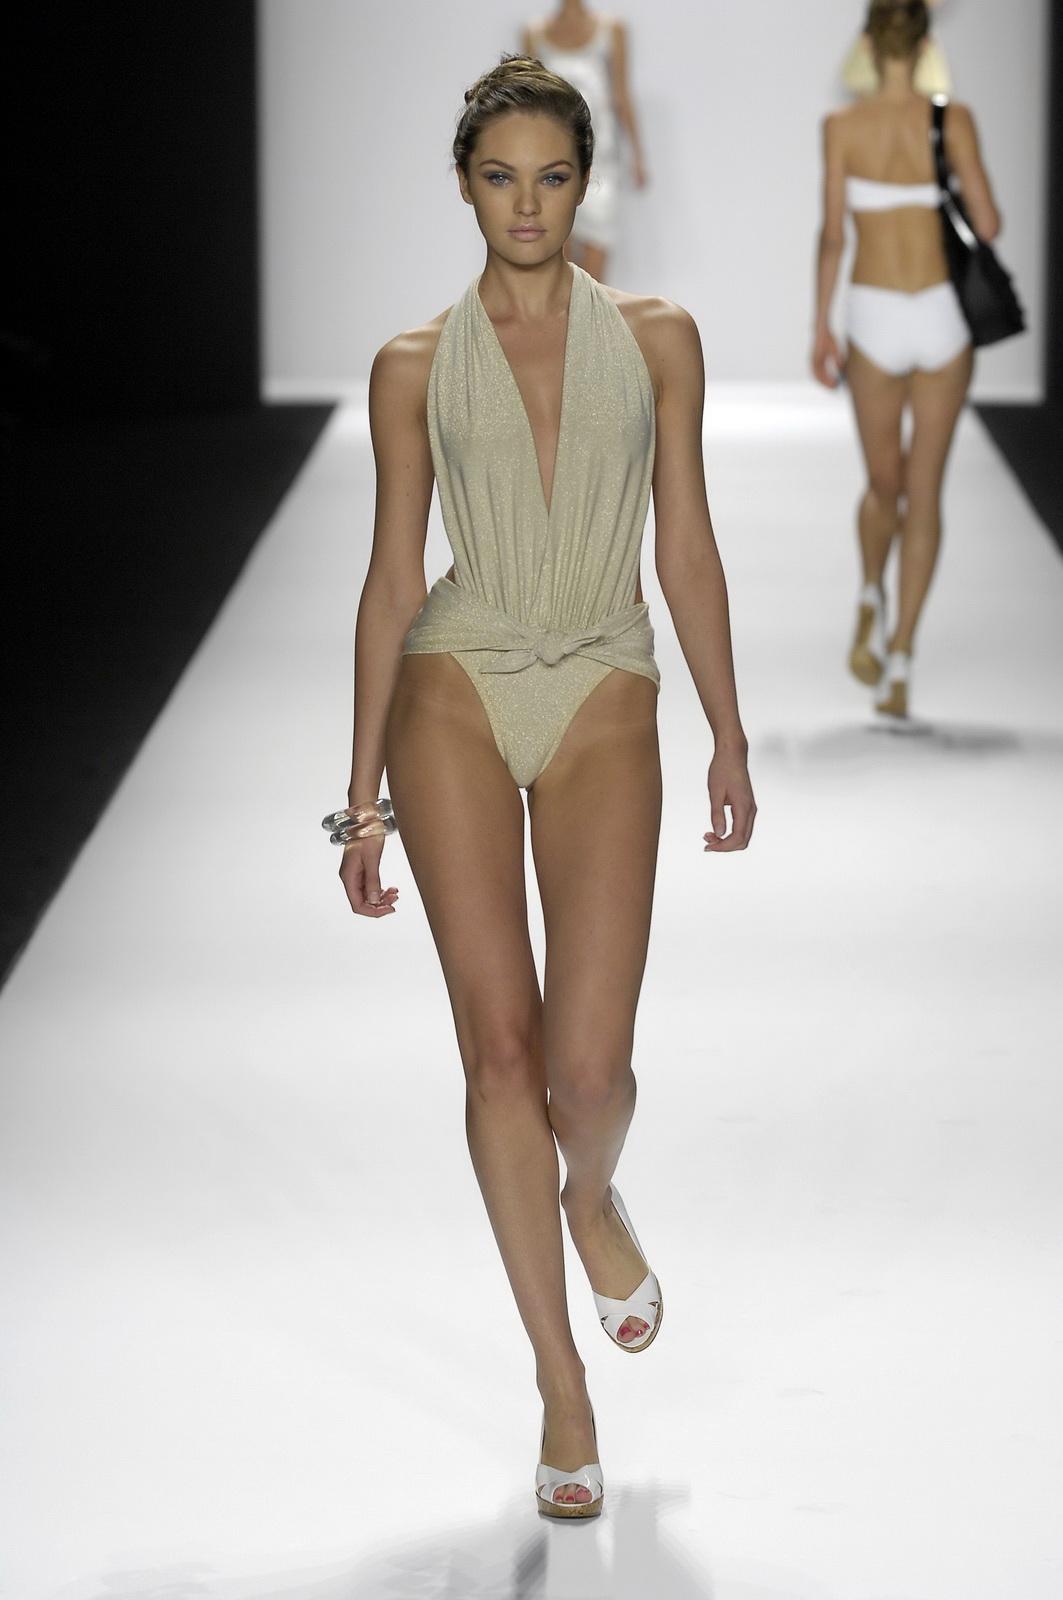 http://1.bp.blogspot.com/_NRGPIrDtEg8/TQsbjBcoiRI/AAAAAAAAAX0/qilKISHRZVA/s1600/Candice_Swanepoel_supery_Bathing_Suit_7.jpg